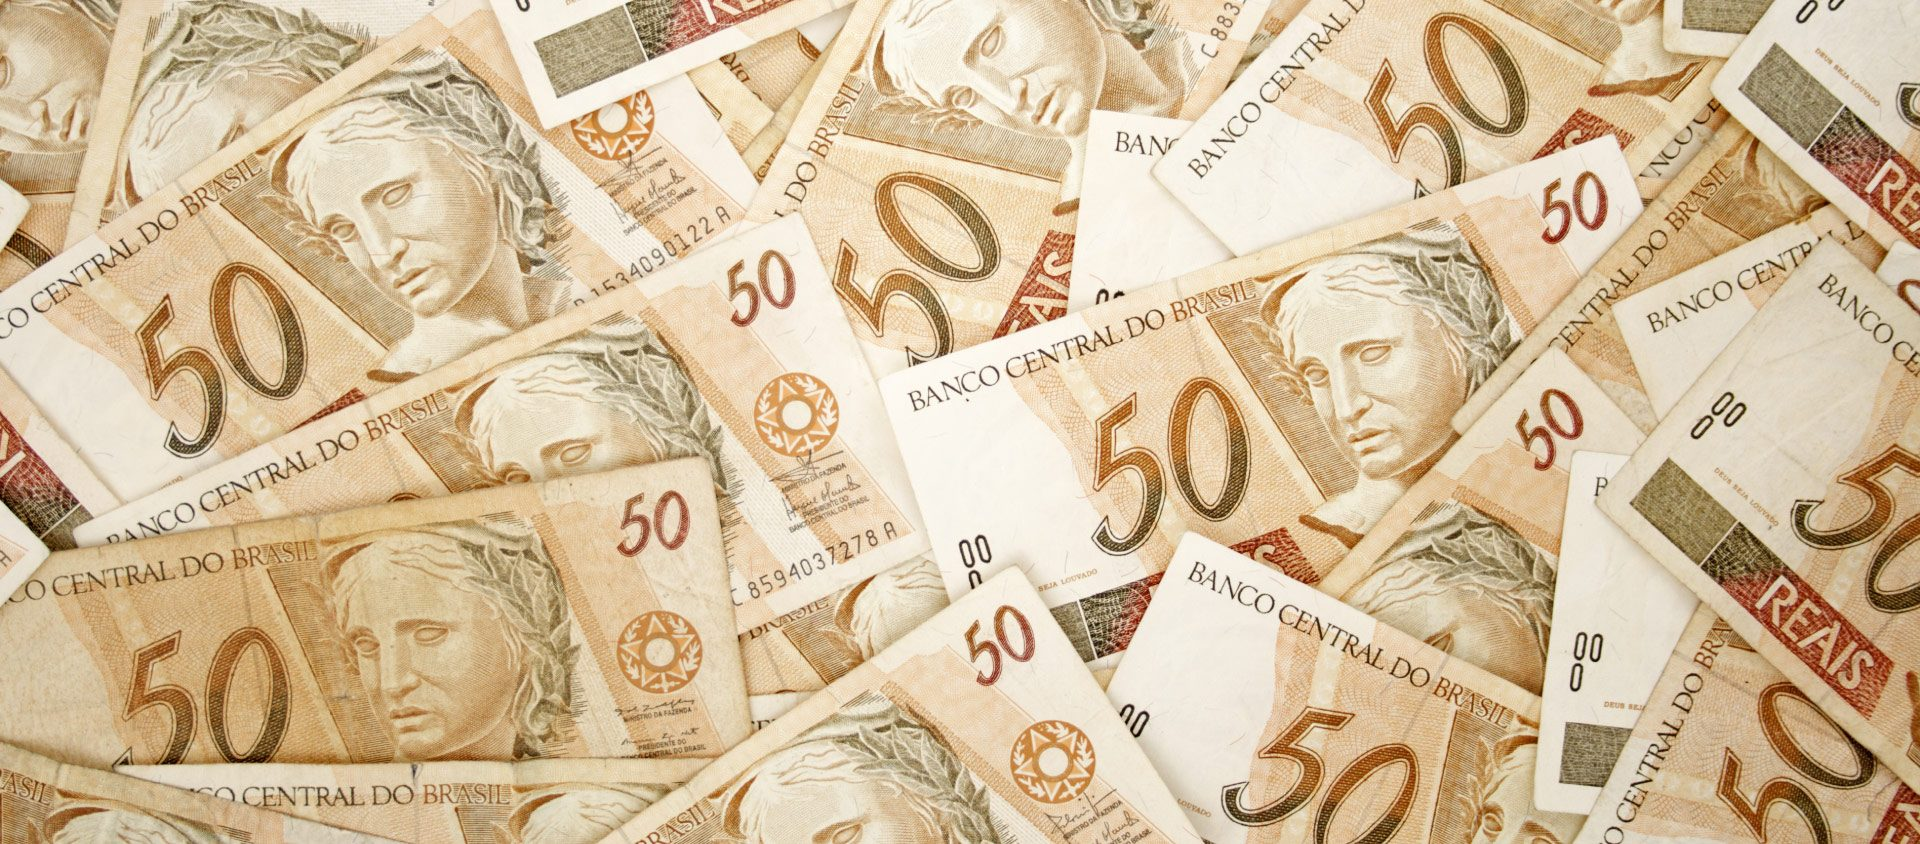 Atualização do rol da ANS pode custar R$ 5 bilhões